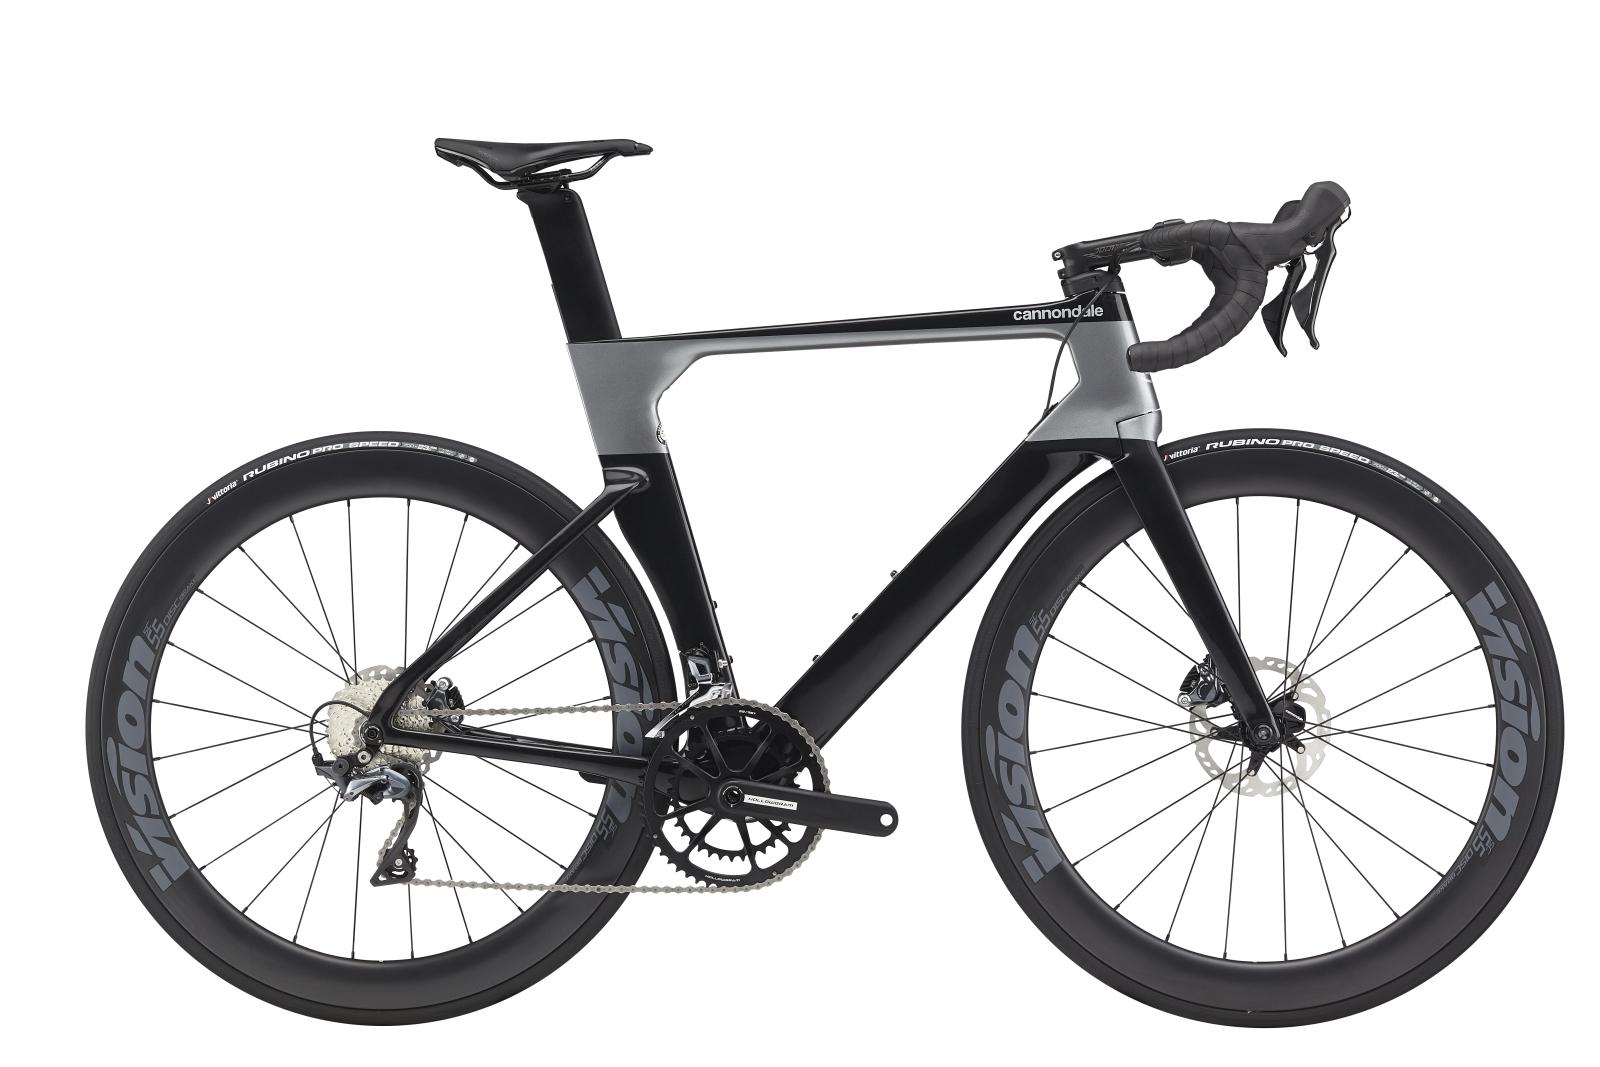 Cannondale System Six Carbon Ultegra országúti kerékpár - fekete - 51 cm (2020)